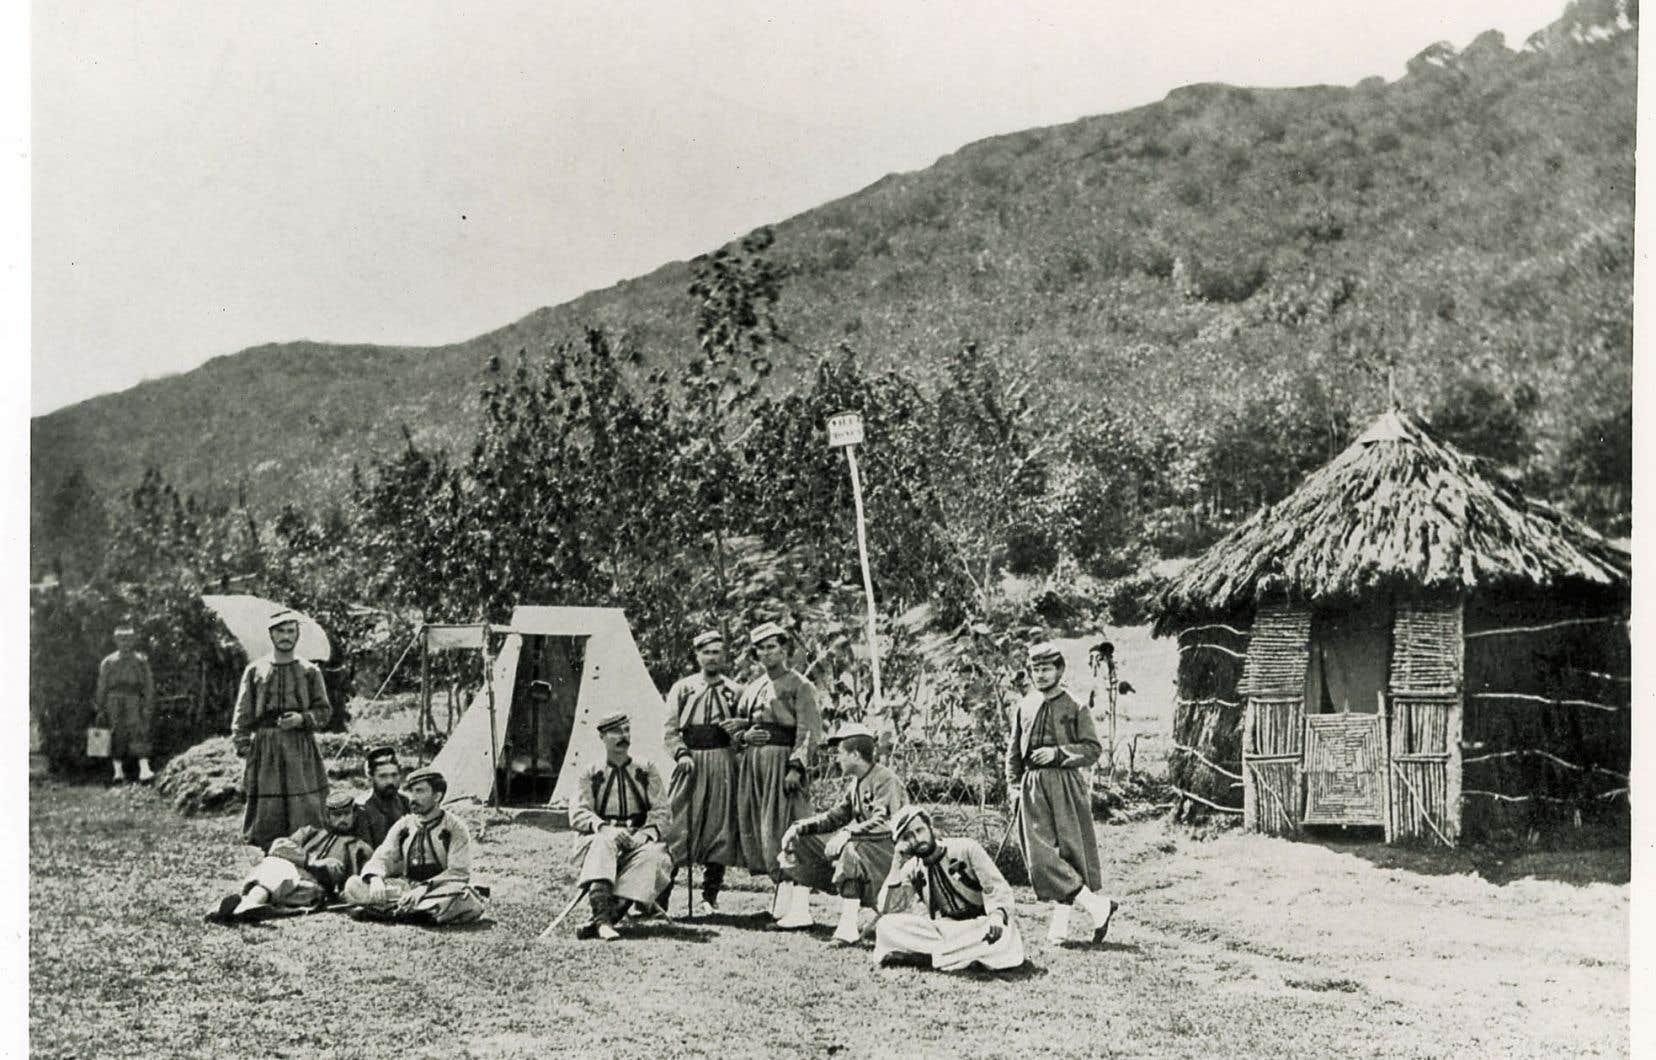 Le mot «zouave» vient de ce que l'habit coloré de ces soldats est inspiré des unités françaises d'infanterie légère en Afrique. Le nom de ce corps était lui-même emprunté à l'arabe maghrébin «Zwawa» qui désigne une confédération de tribus kabyles, en Algérie.